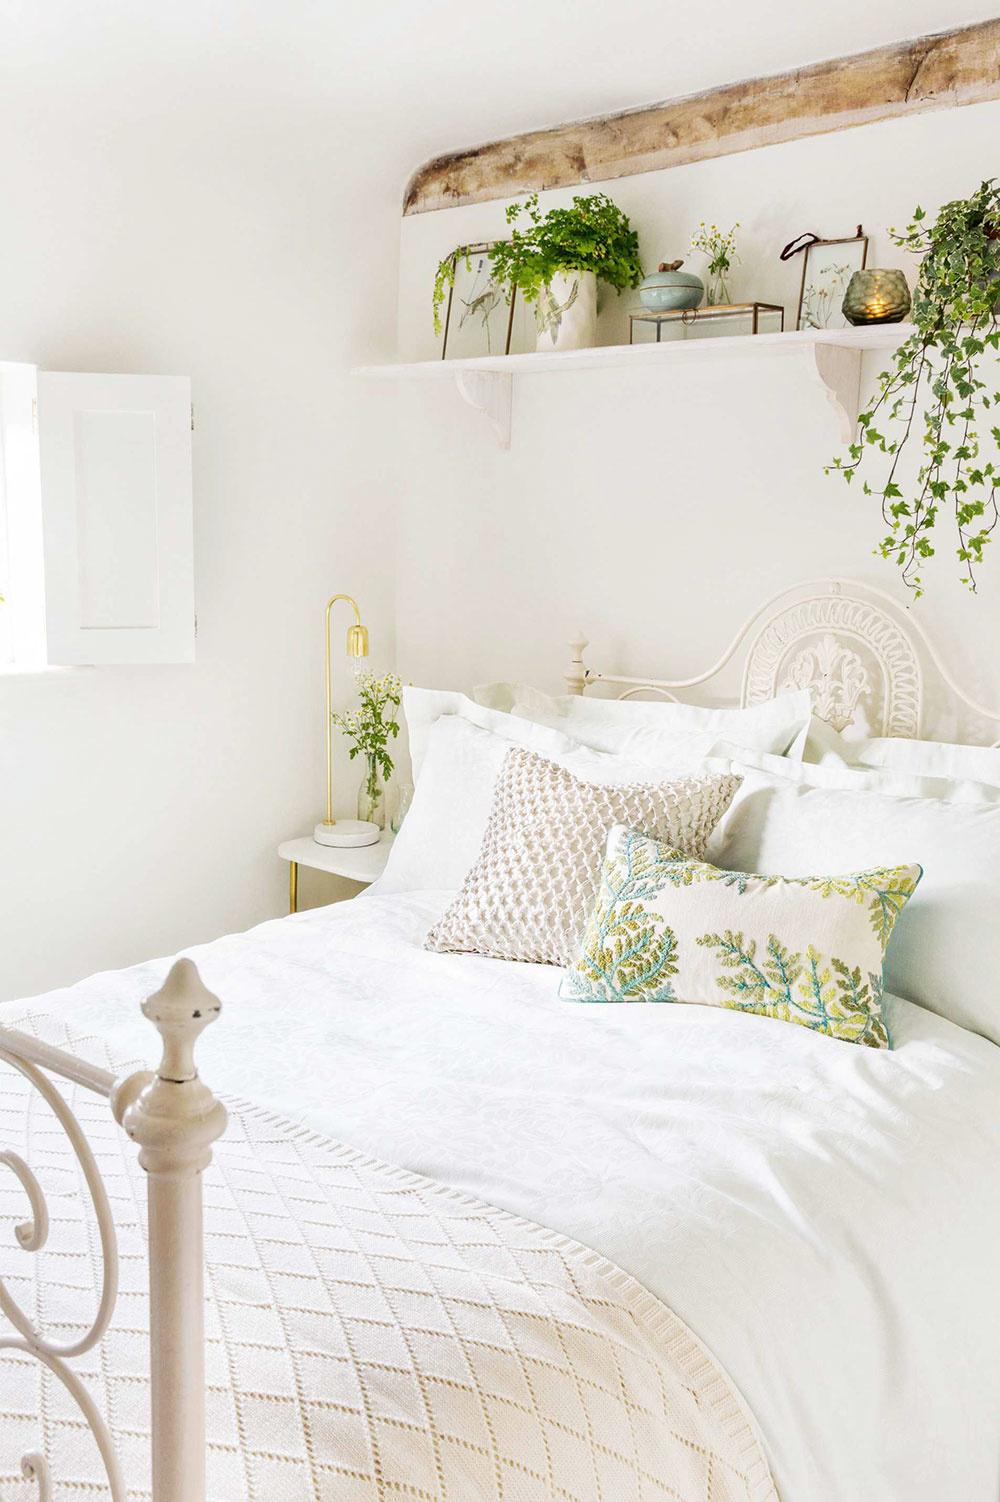 ROMANTIKA. Byť bohém znamená snívať. Spravte si zdomu vzdušný zámok. Bielu spálňu oživia rastliny. Vyberajte najmä tie so zaujímavými listami anízkymi nárokmi na starostlivosť.